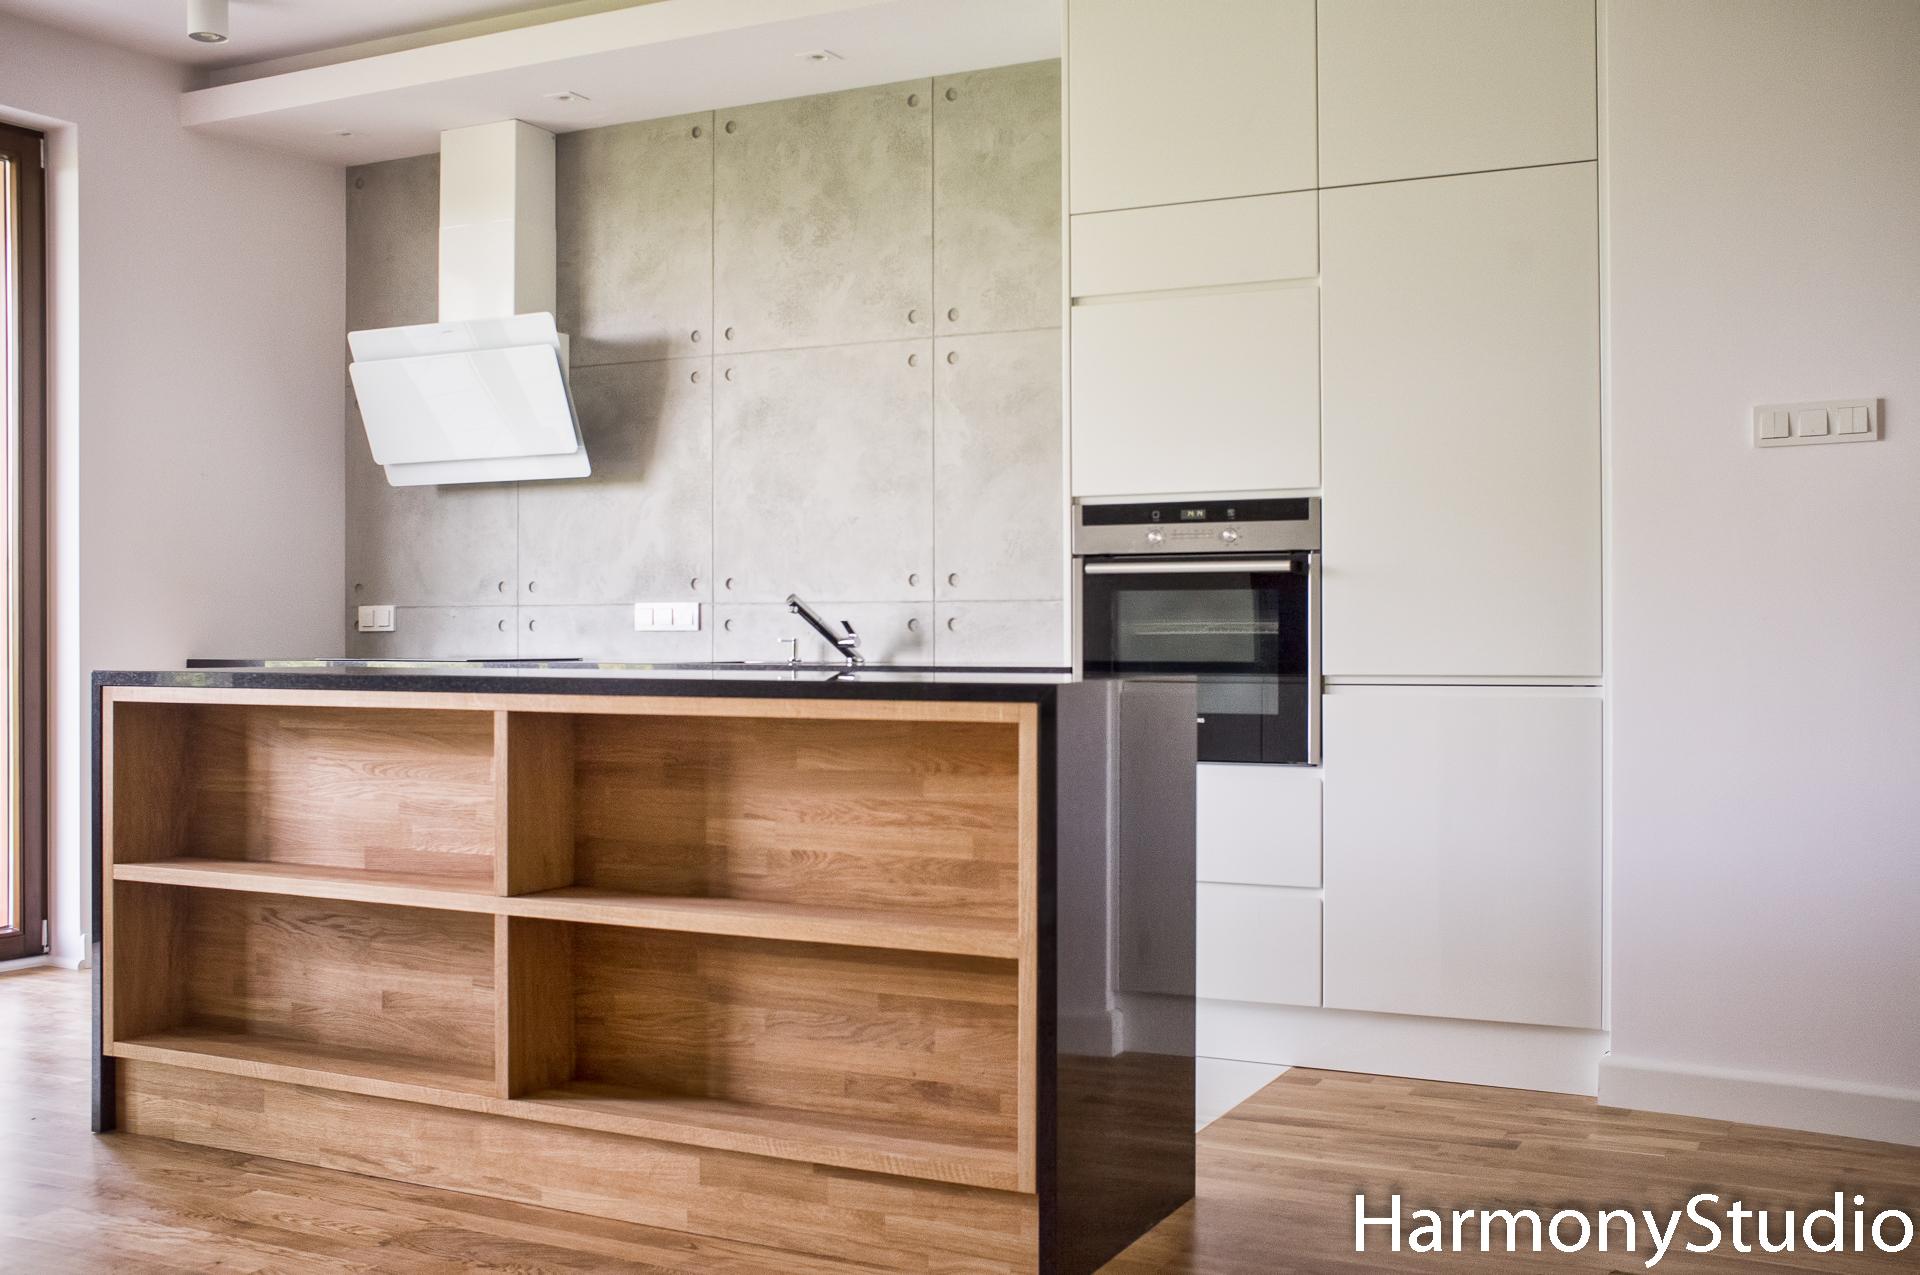 Kuchnia Biała Z Wyspą Harmony Studio